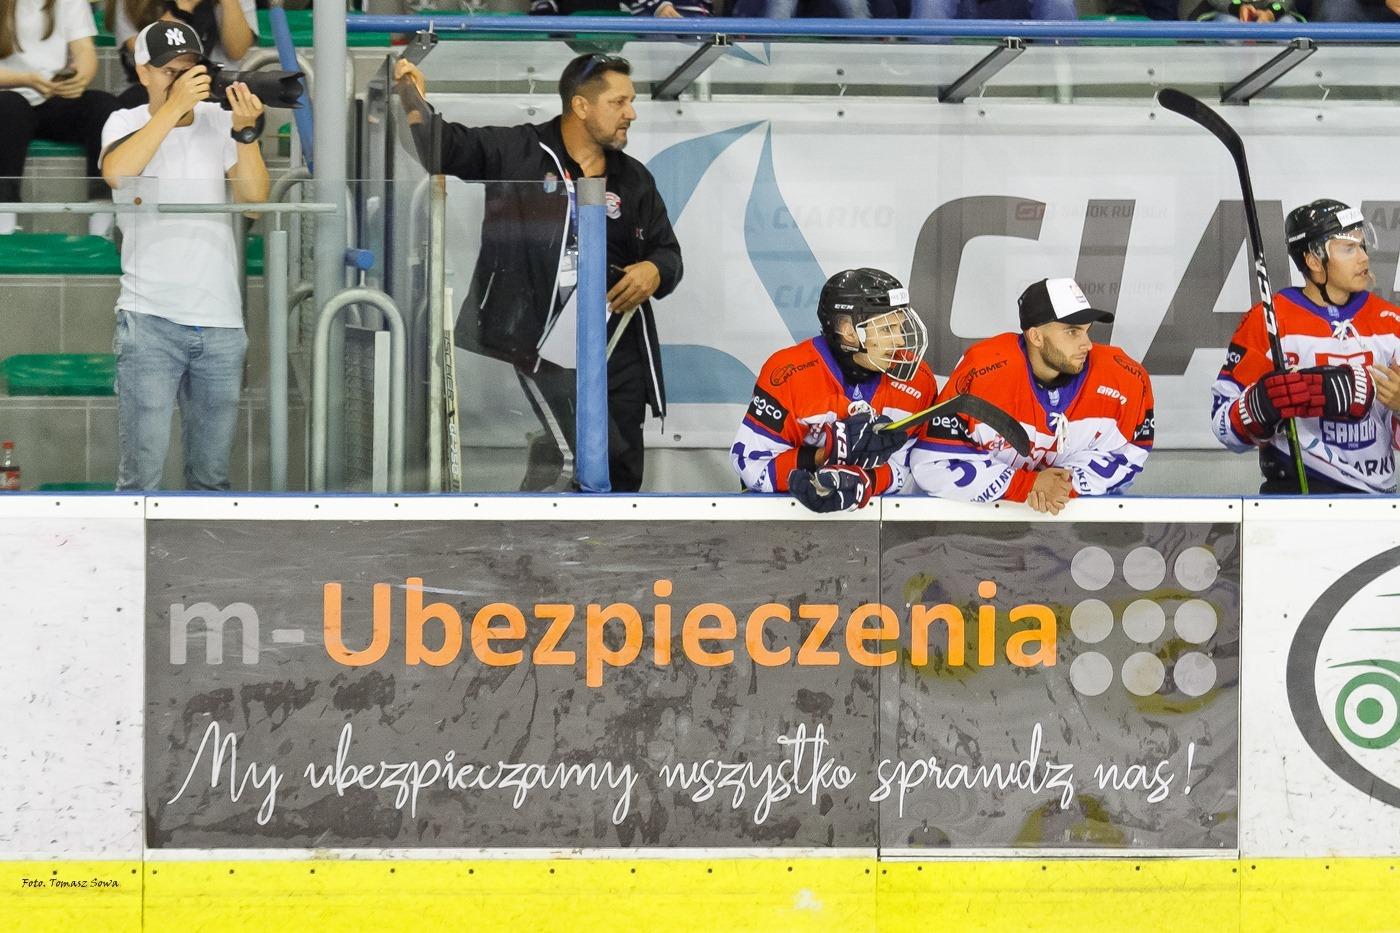 Maciej Pietryka: Budowa drużyny to długotrwały proces - wynik to sprawa drugorzędna [WYWIAD] - Zdjęcie główne